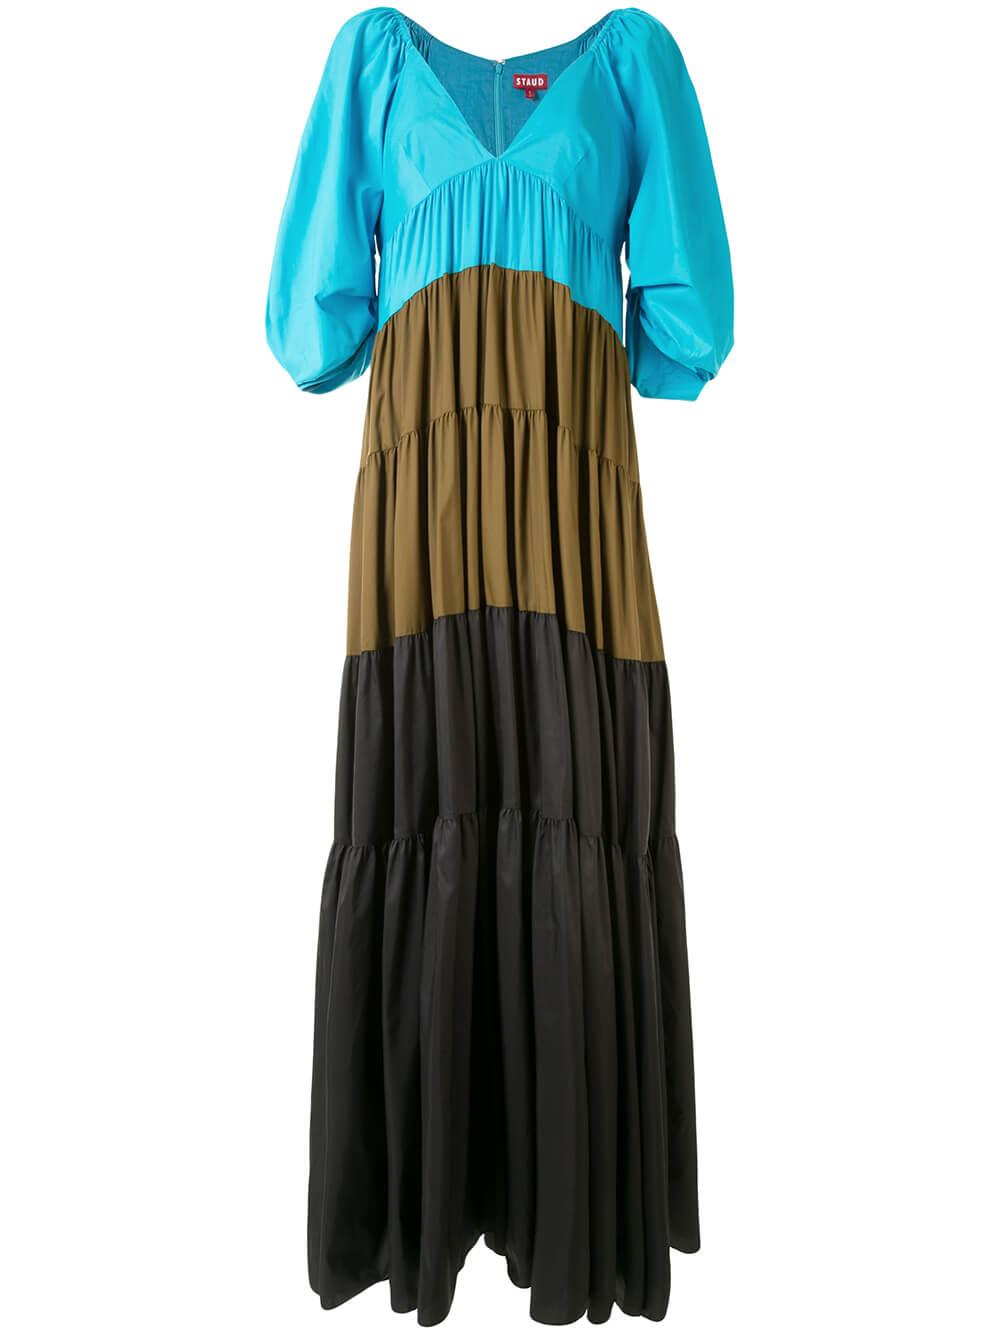 Meadow Tiered Maxi Dress Item # 214-7308-BBCB